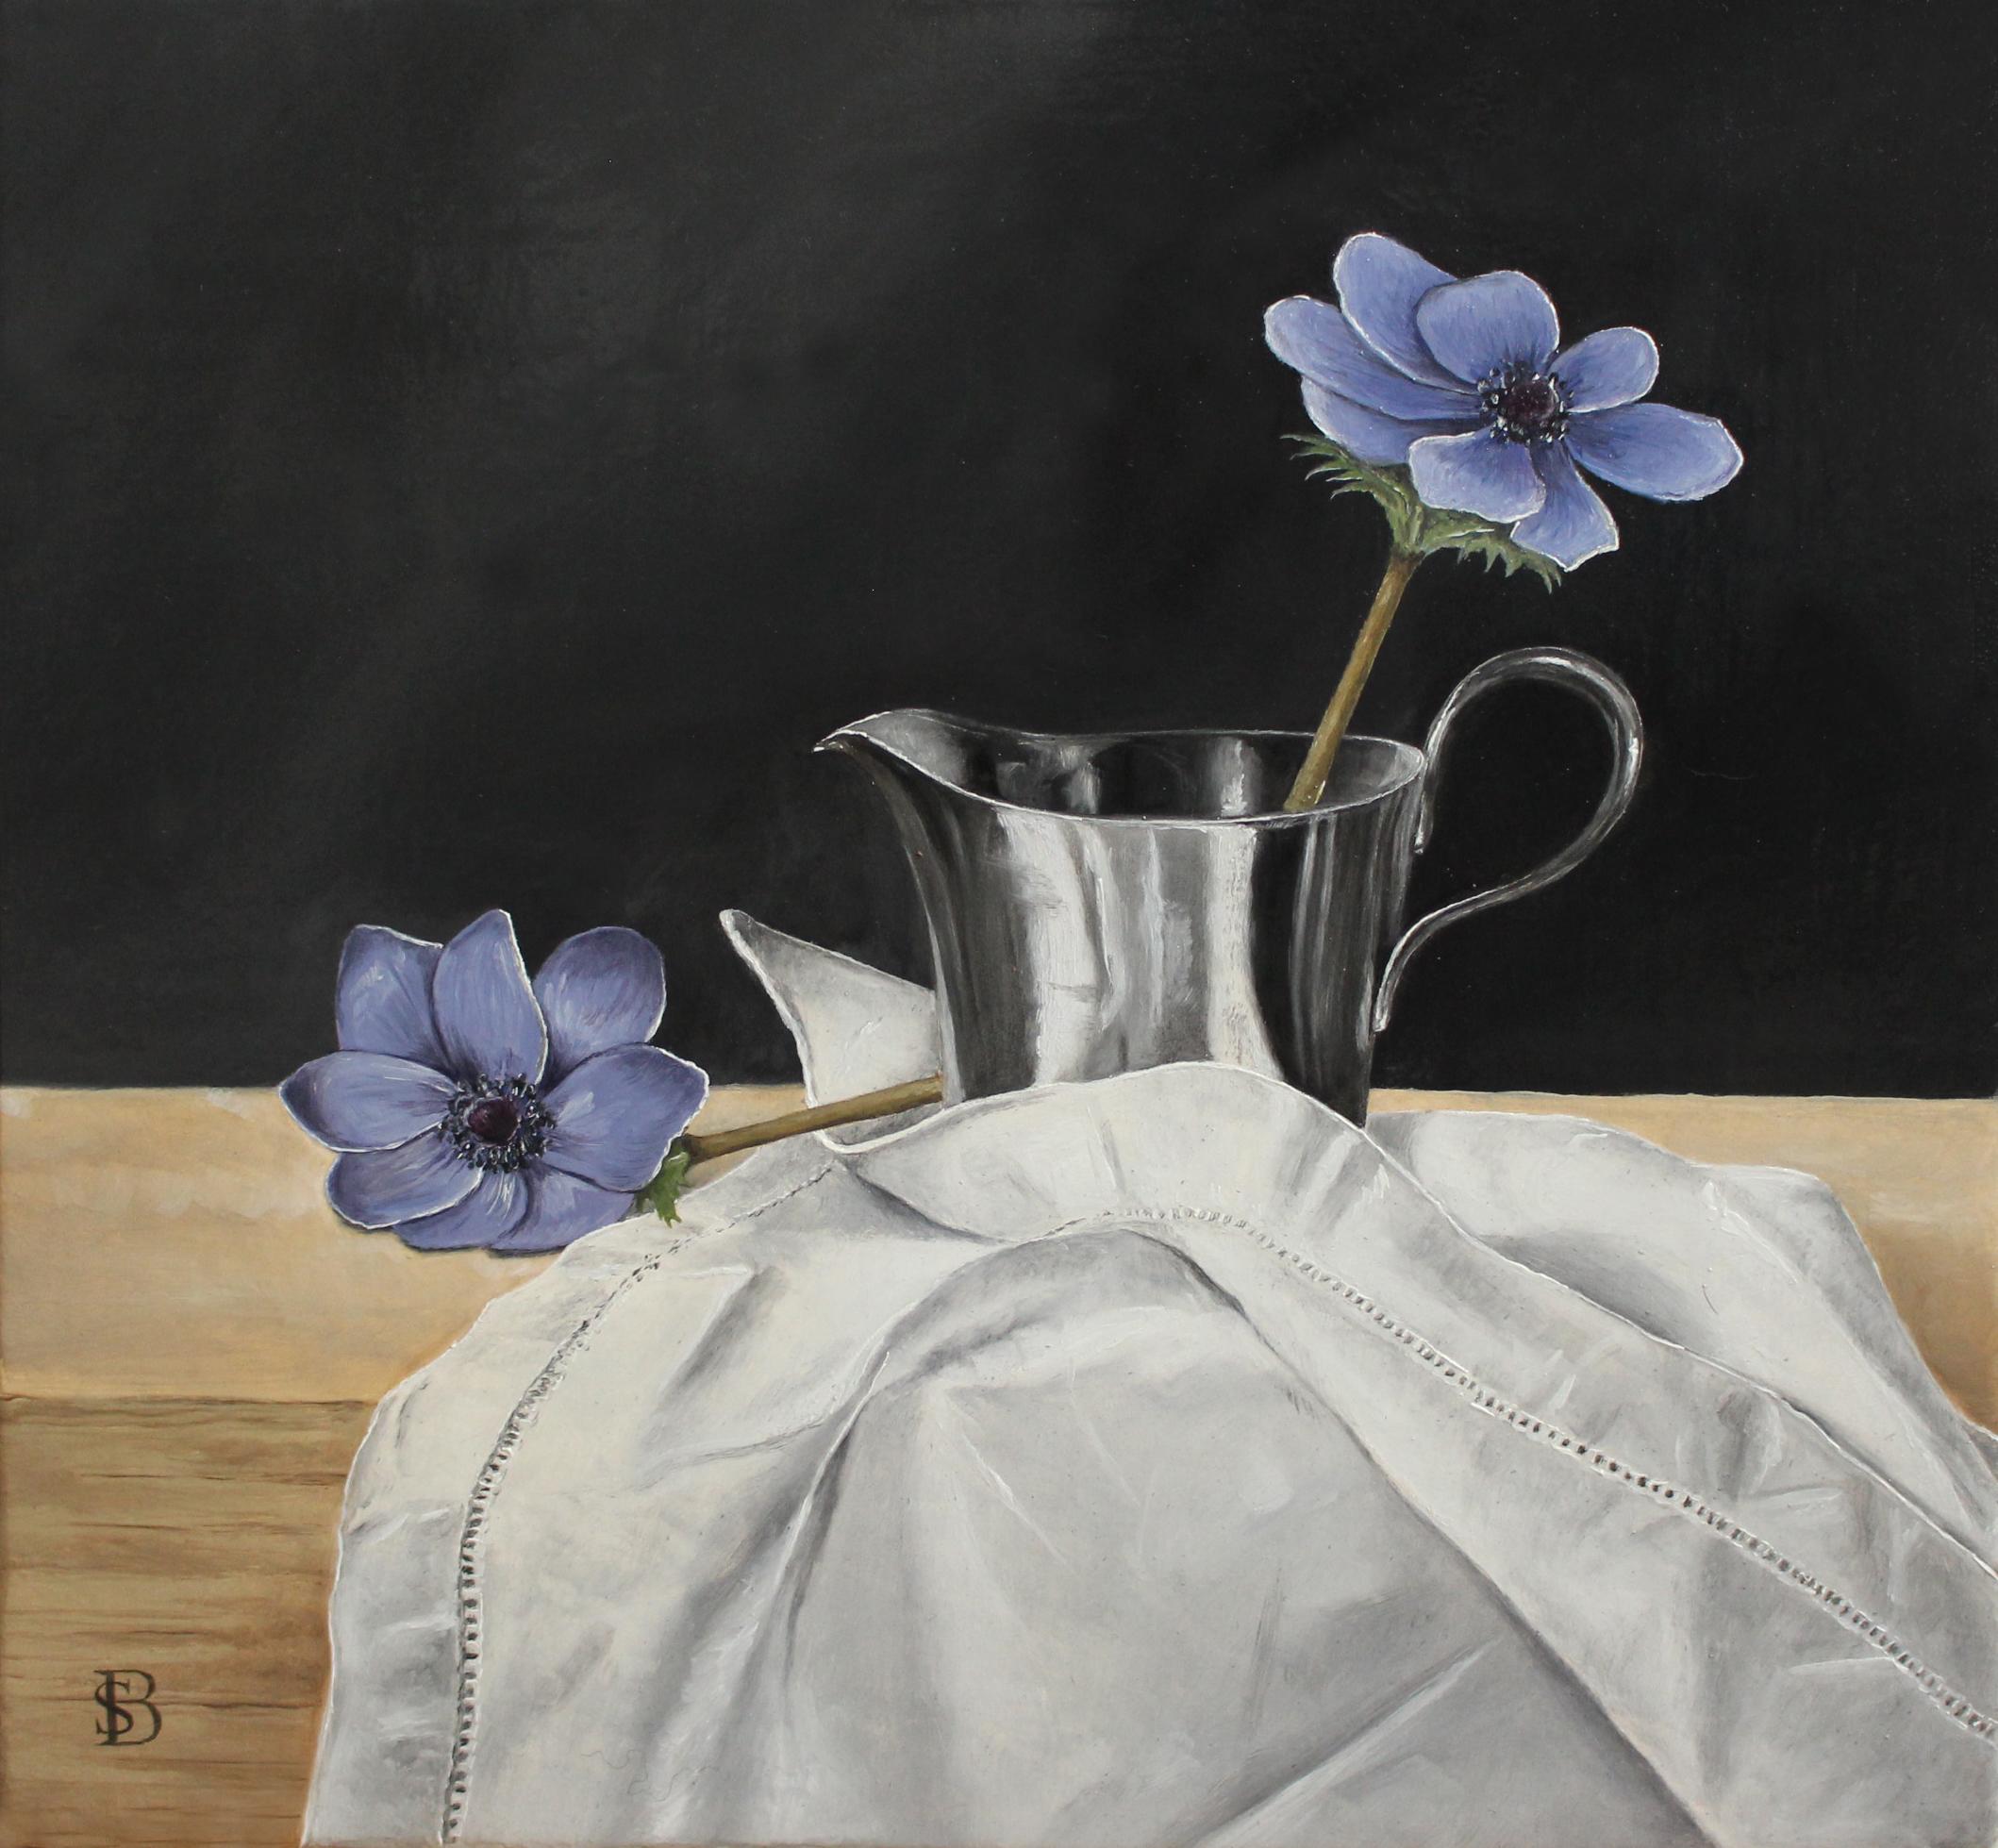 Purple Anemones, Silver Jug & Linen